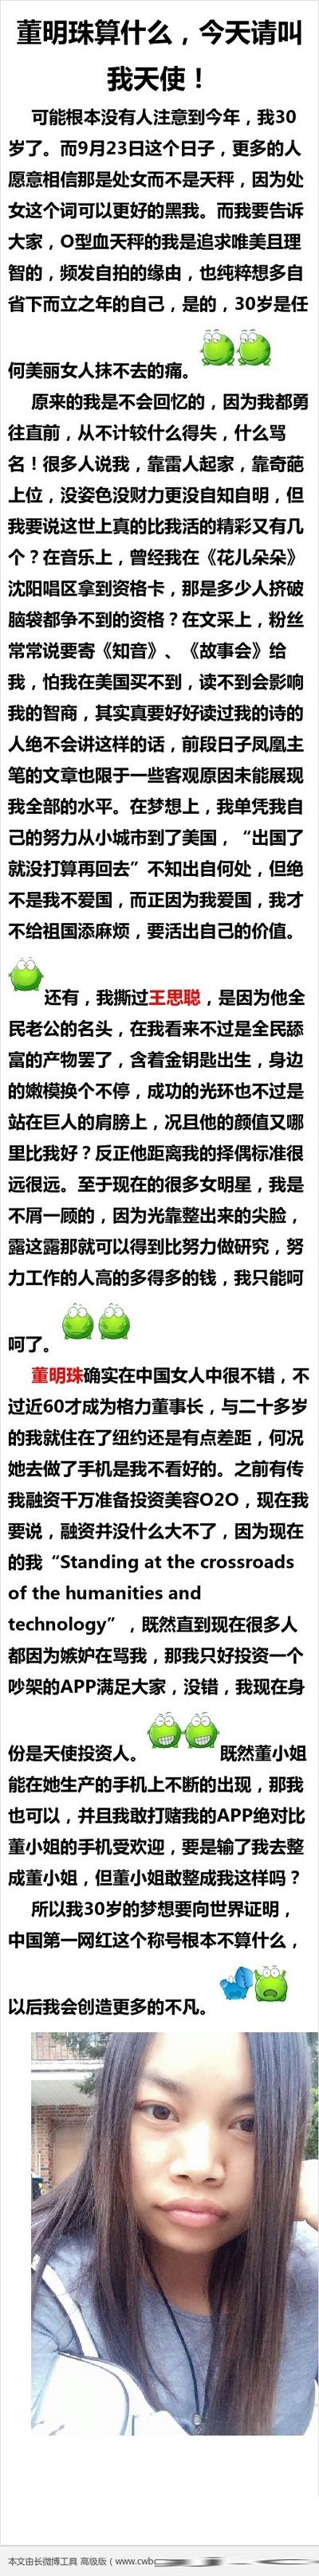 凤姐约战董明珠长微博内容